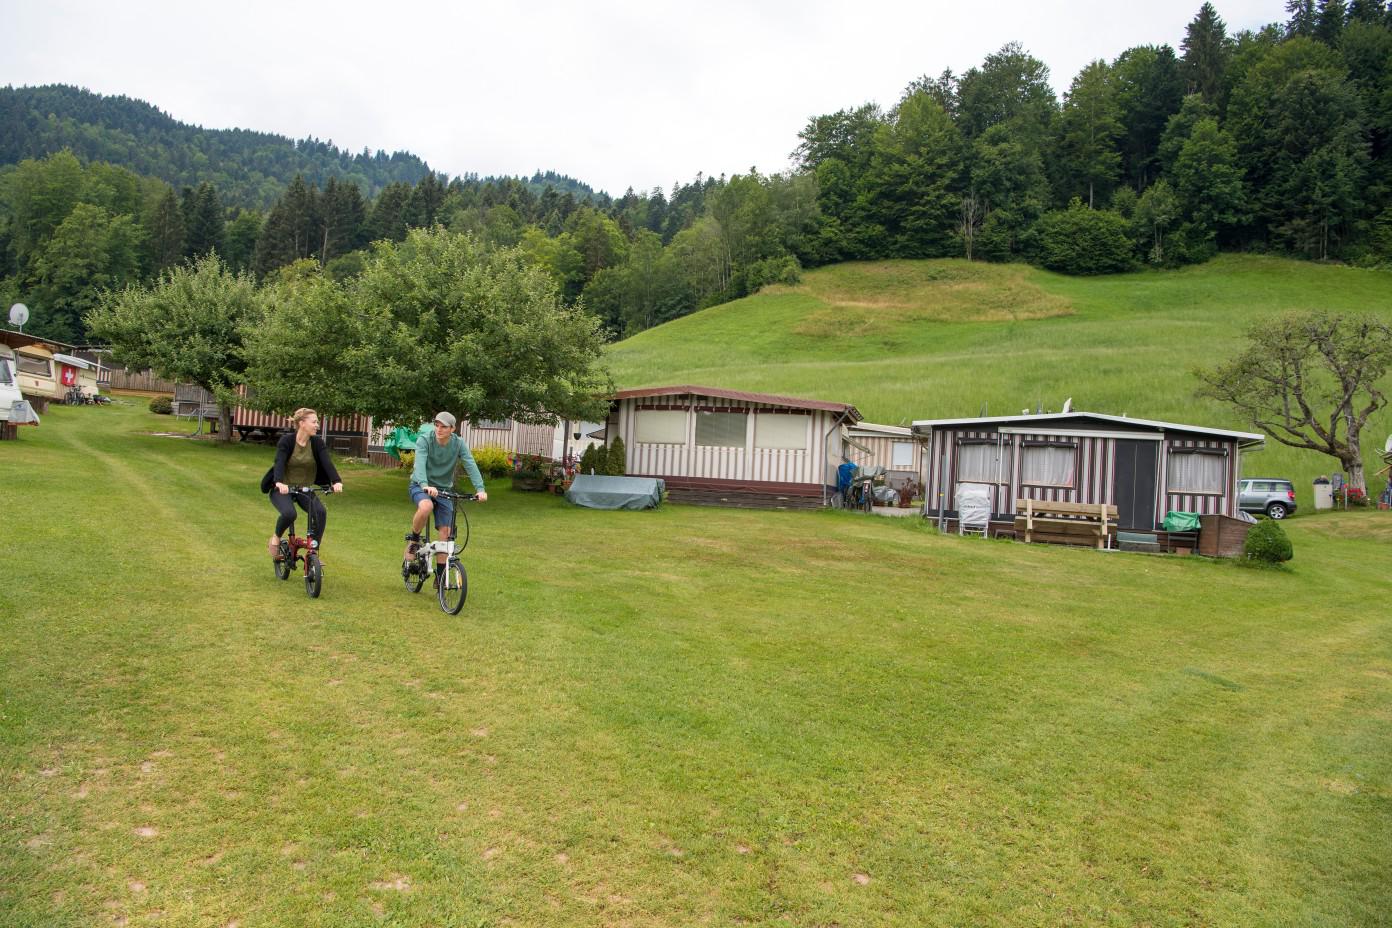 Radreisen Campingplatz